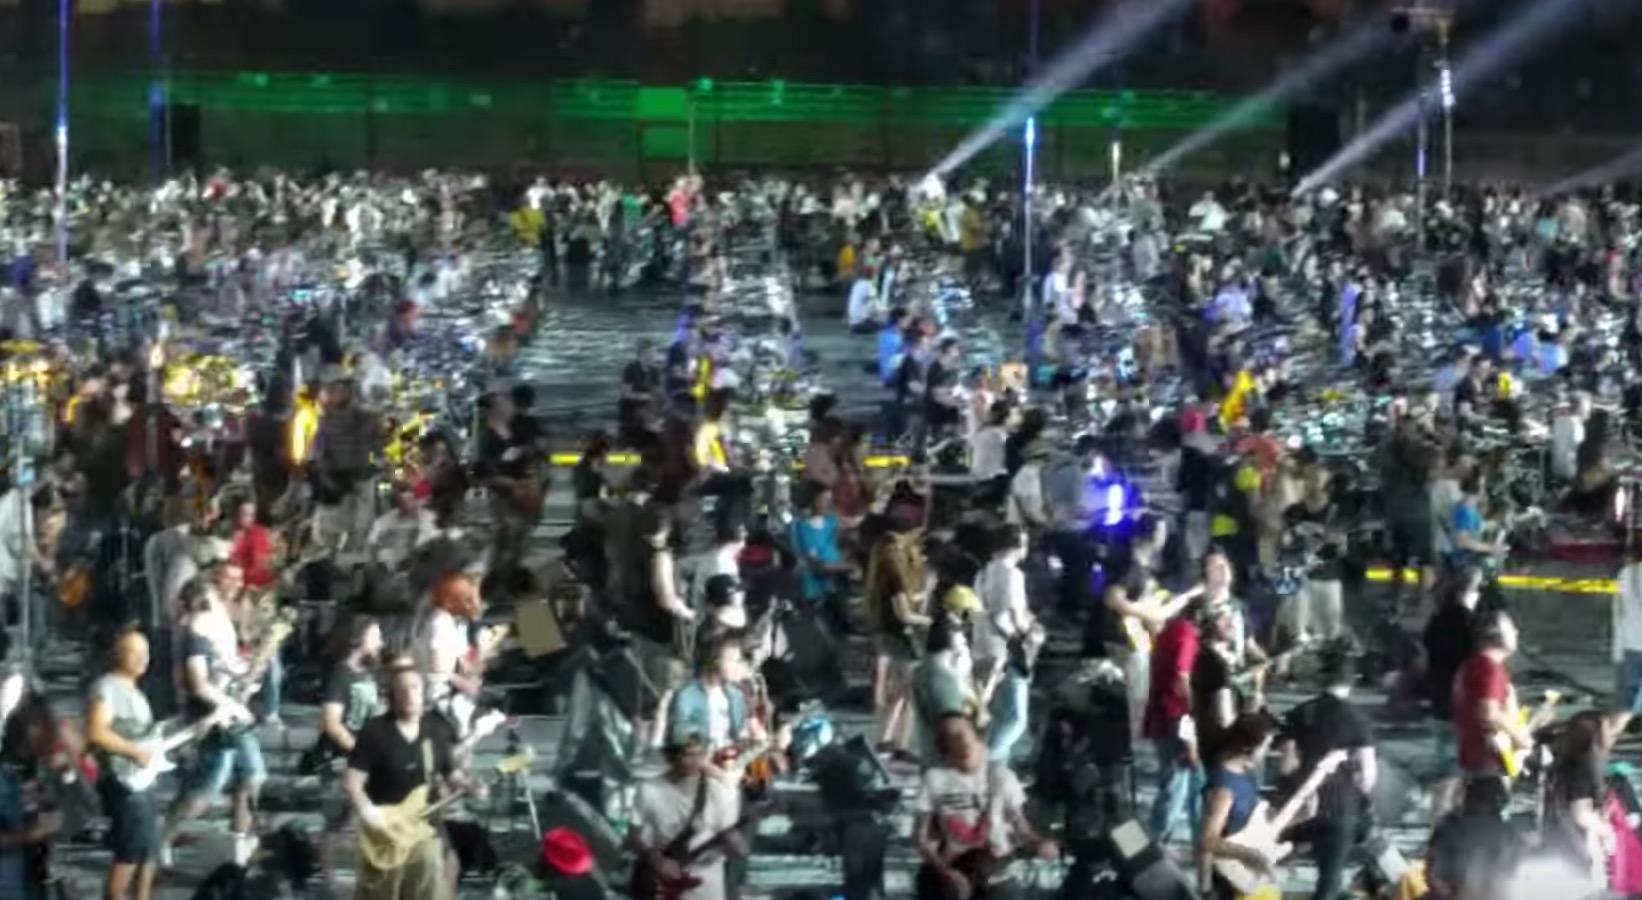 すげー!1200人のミュージシャンがニルヴァーナの名曲「Smells Like Teen Spirit」を一緒に演奏!!